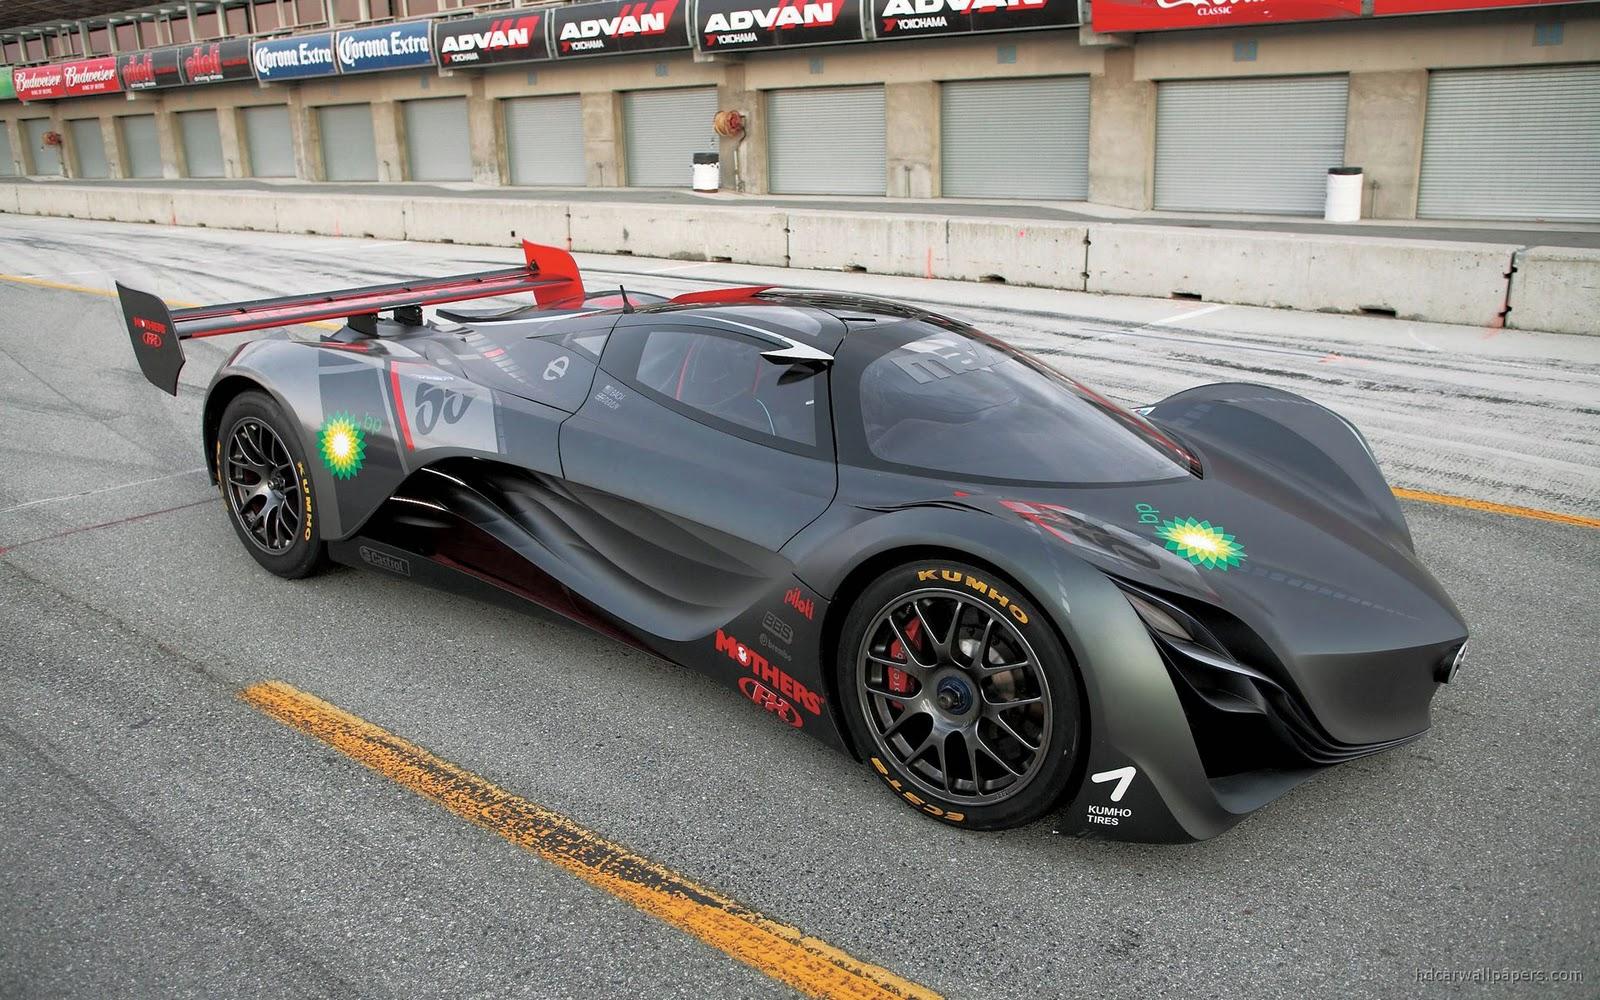 http://4.bp.blogspot.com/-aJebwwpF70c/TZamnDpifMI/AAAAAAAAAgg/whbNe3YBHhY/s1600/2008_mazda_furai_concept_car-wide.jpg